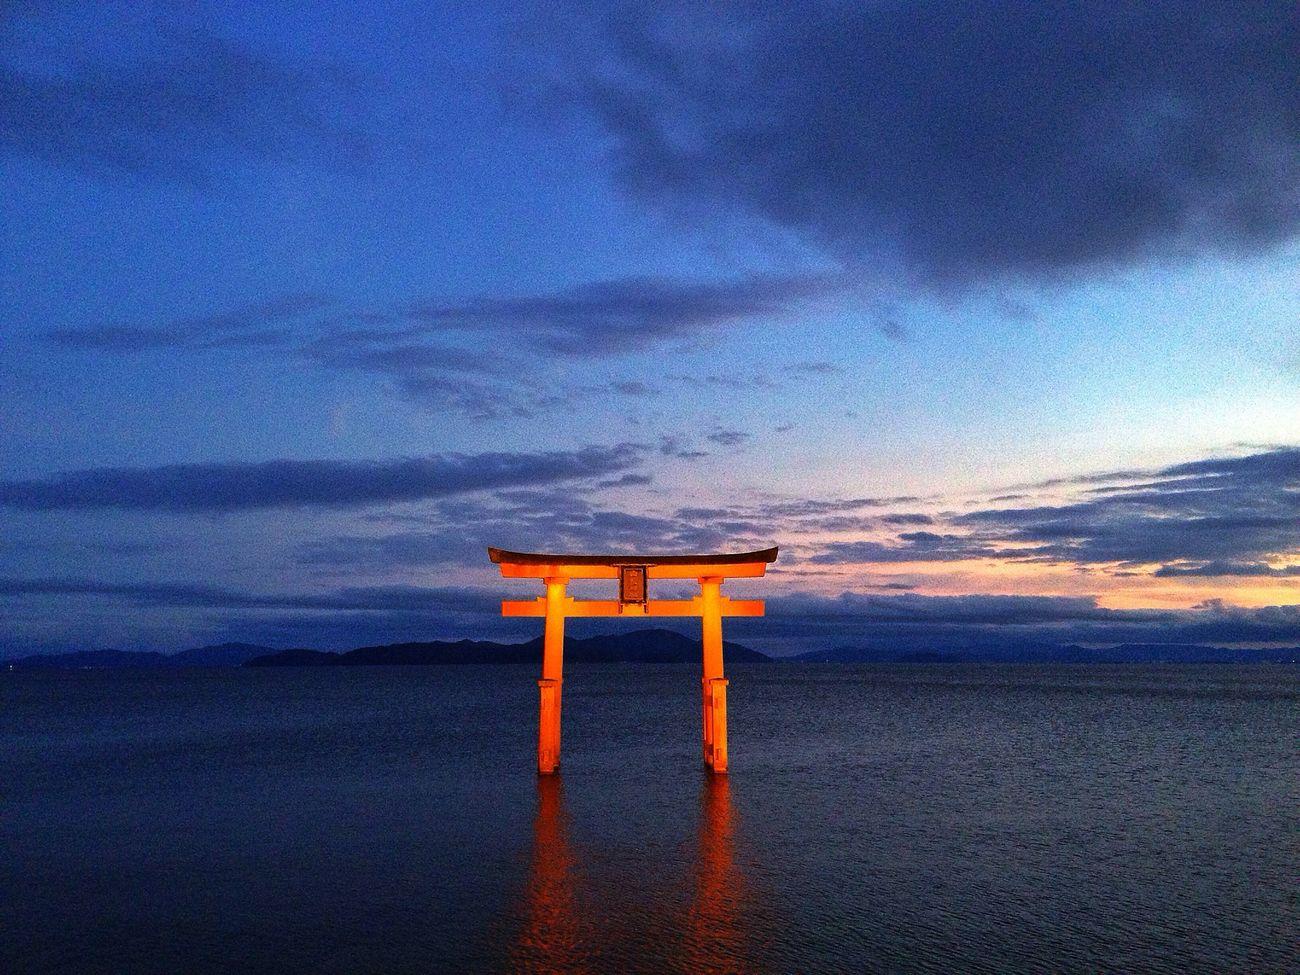 visit to the shrine Taking Photos Lake Shrine Japan